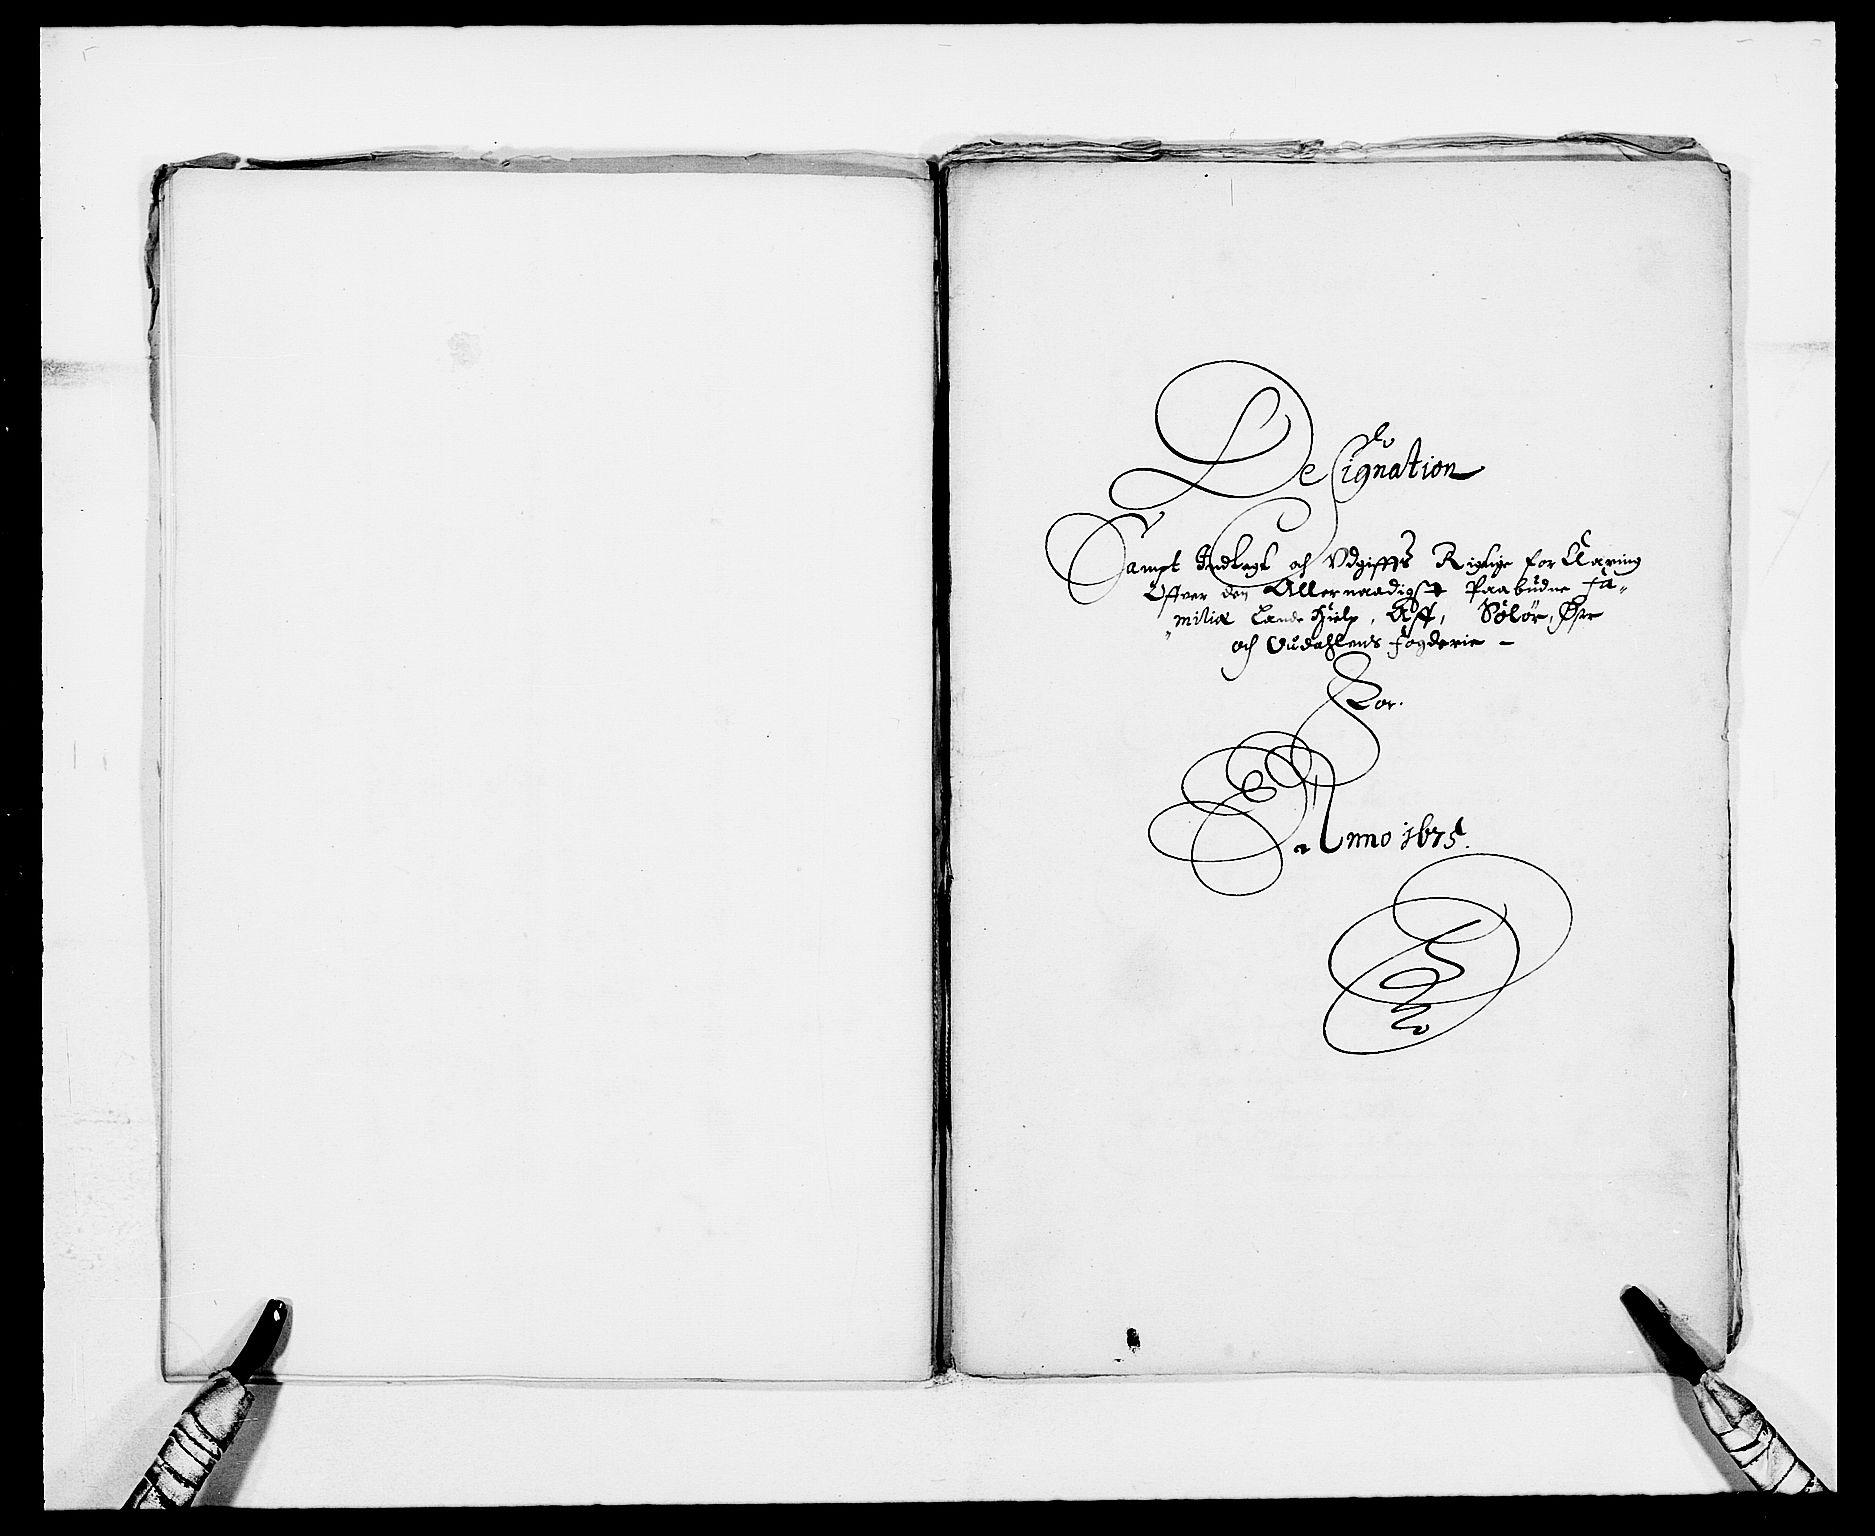 RA, Rentekammeret inntil 1814, Reviderte regnskaper, Fogderegnskap, R13/L0808: Fogderegnskap Solør, Odal og Østerdal, 1675, s. 64